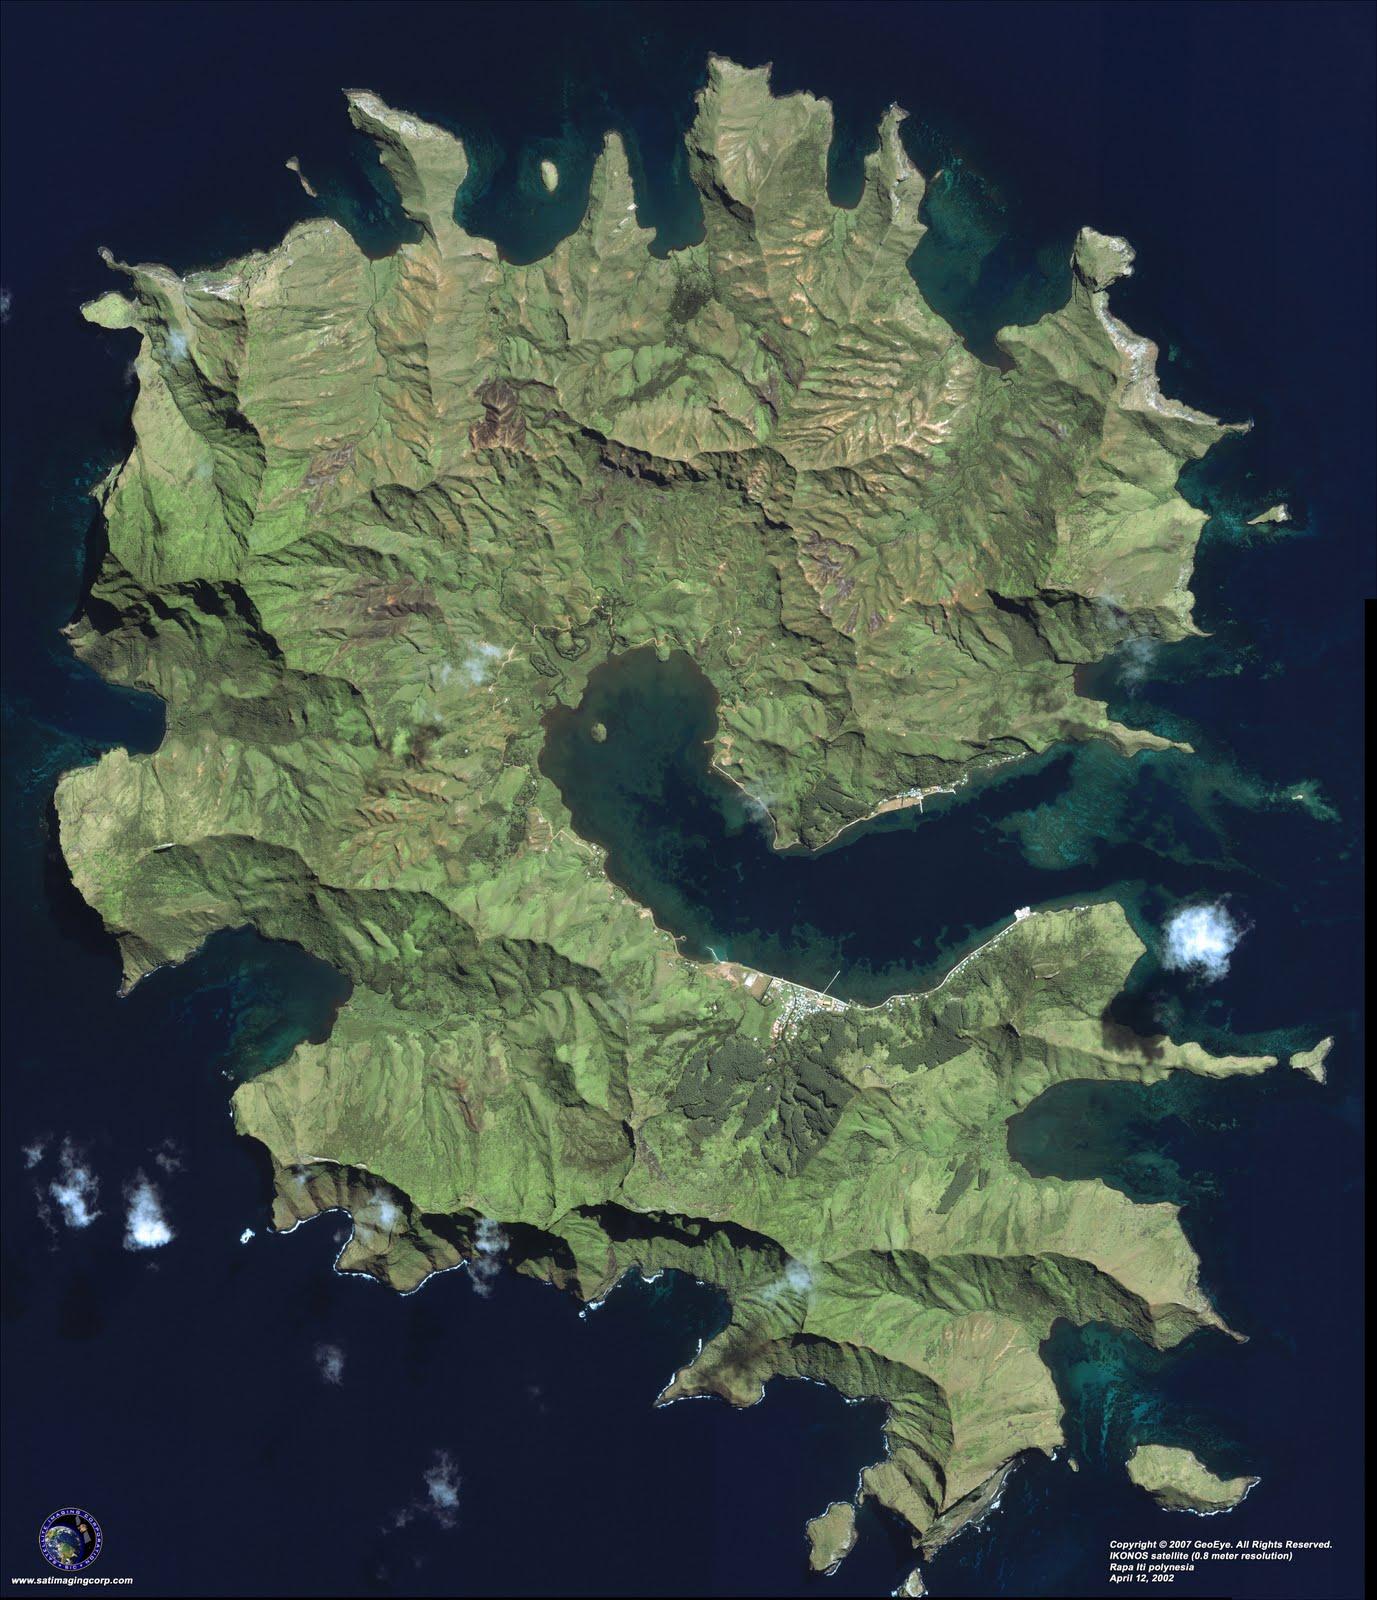 IKONOS satellite foto, Rapa Iti island, Polynesia, April 12, 2002. Copyright 2007 GeoEye